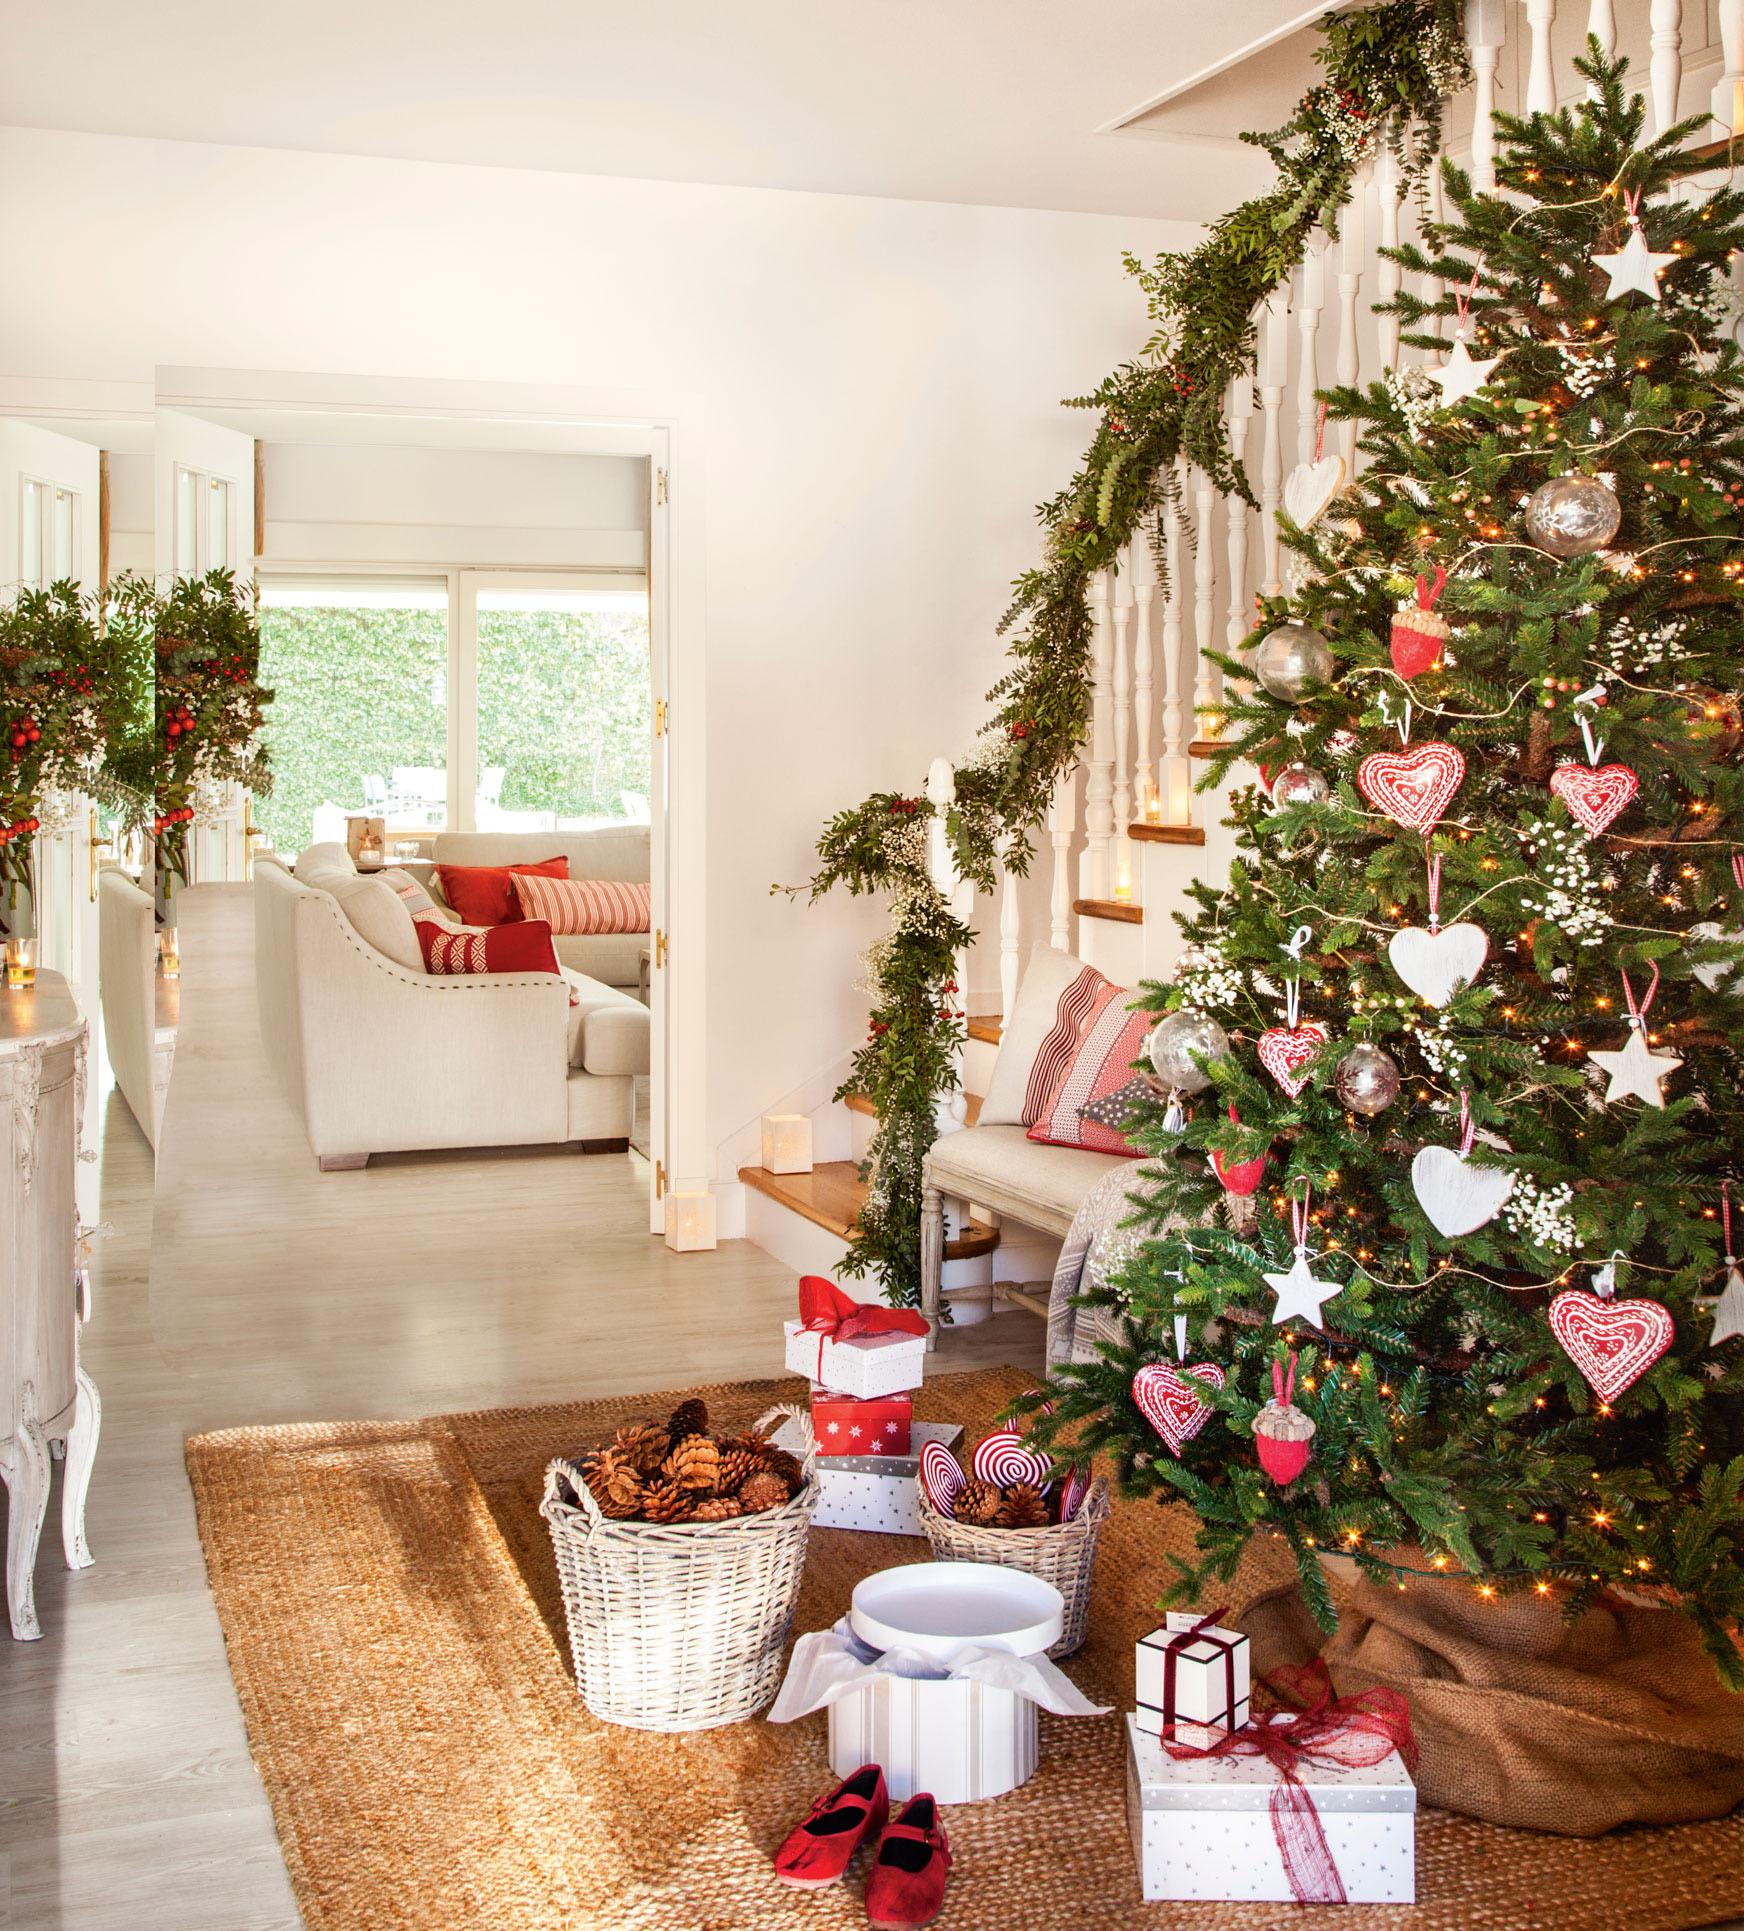 D nde poner el rbol de navidad en casa - Donde se puede poner una casa de madera ...